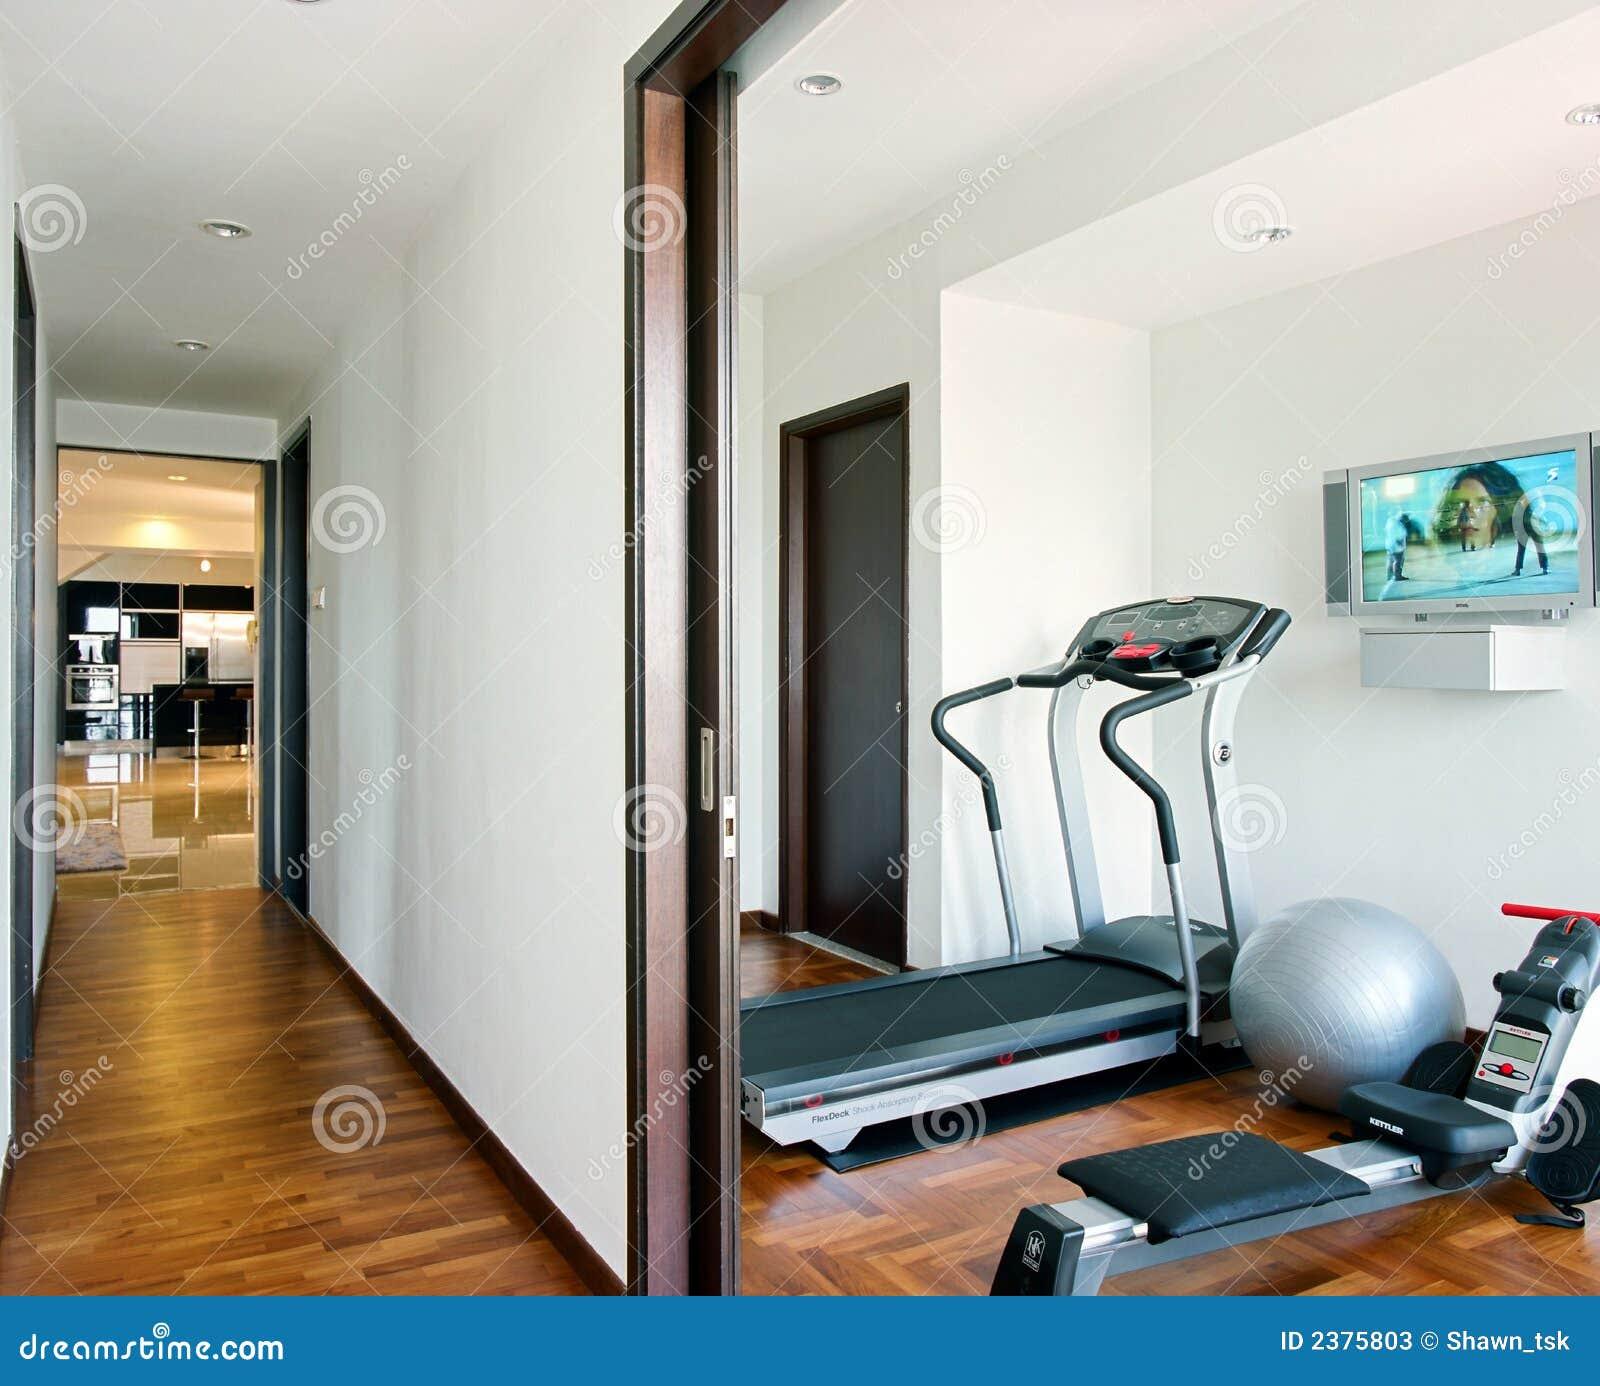 Modern Home Design: Gym Interior Design